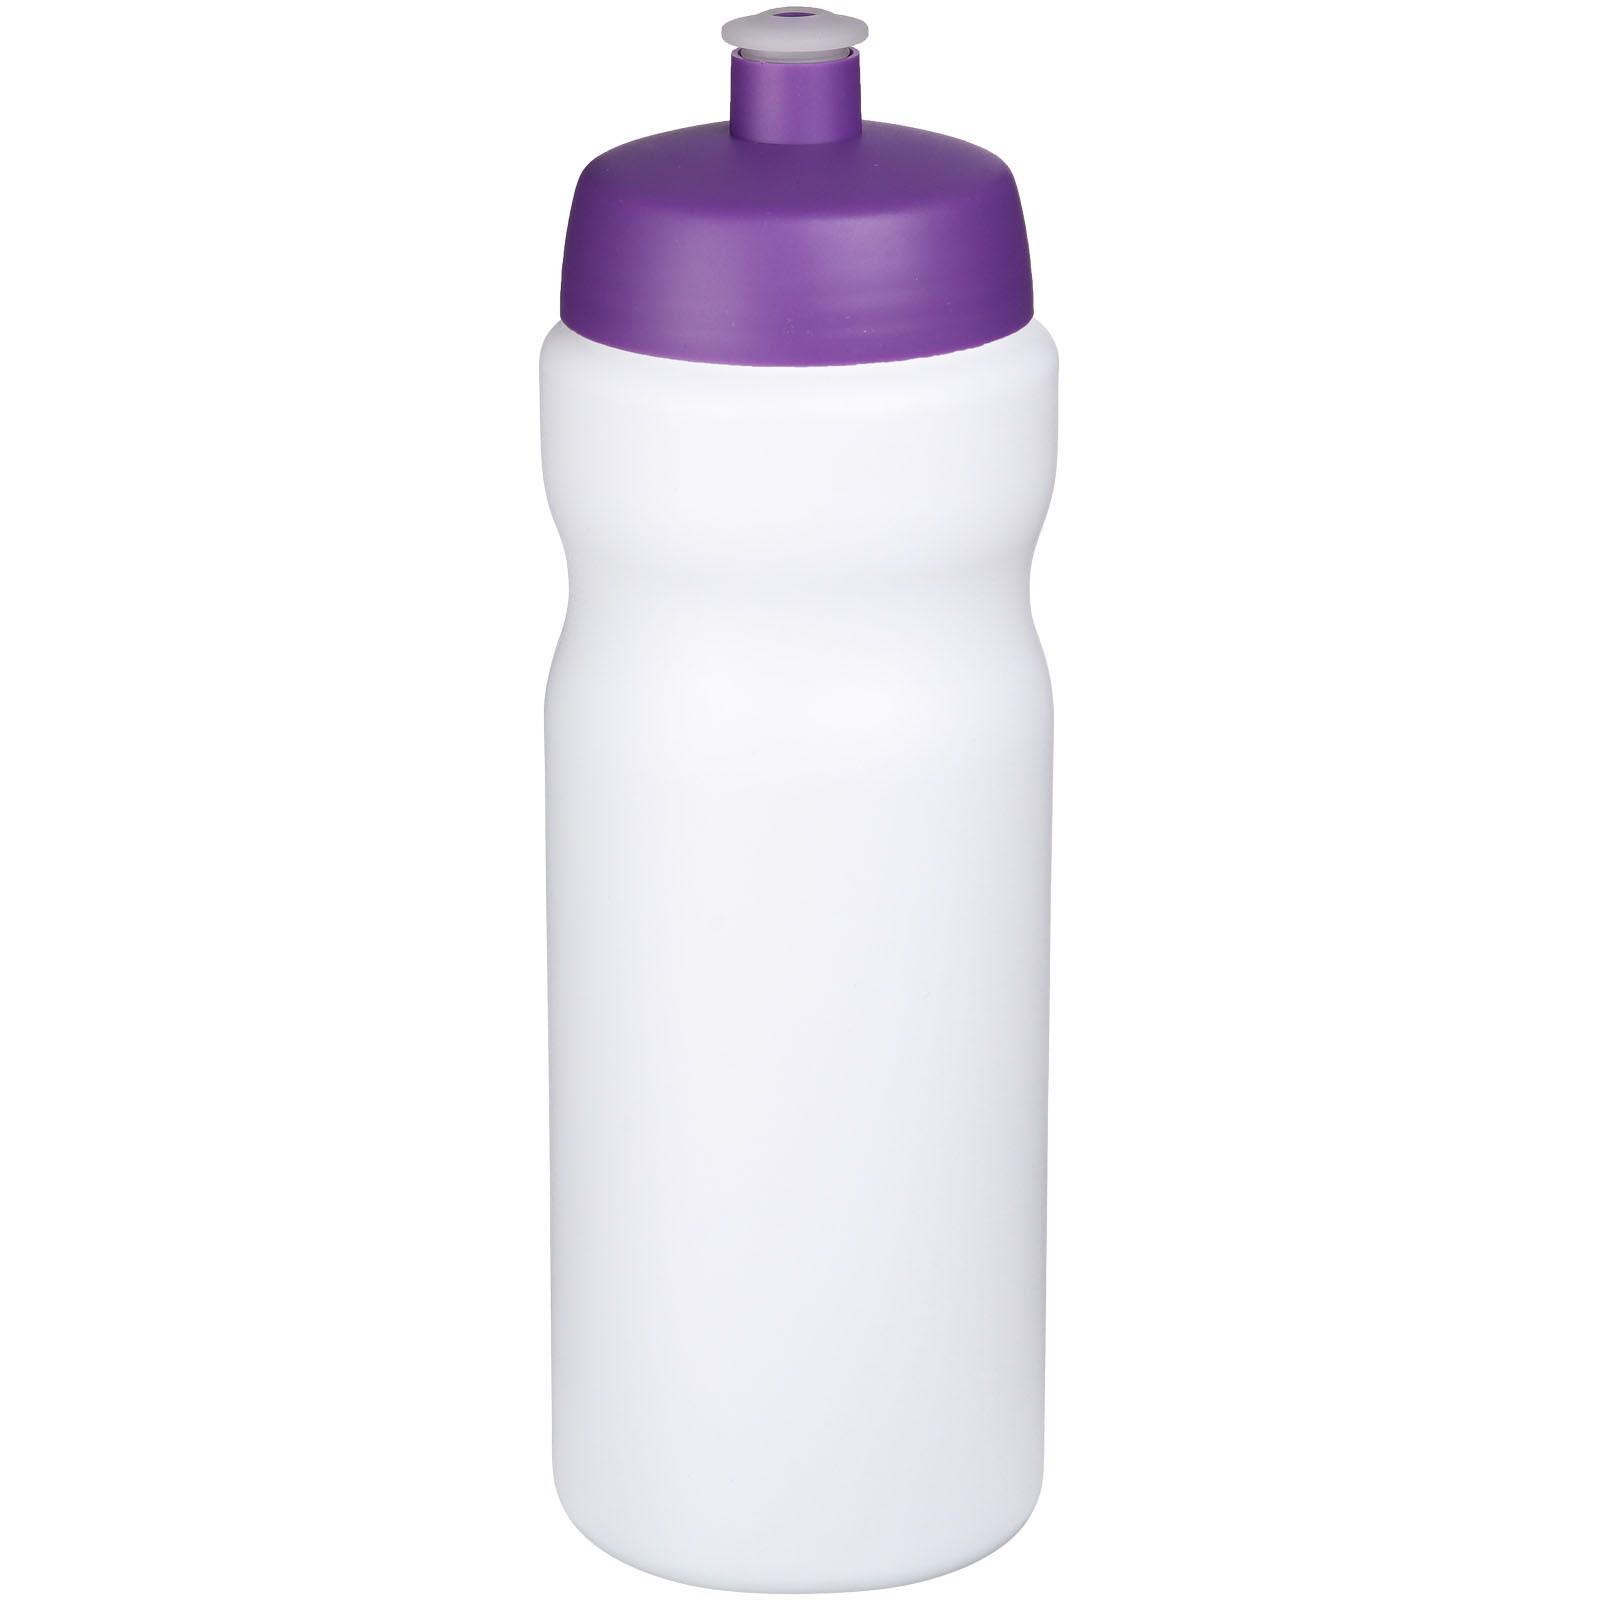 Baseline® Plus 650 ml sport bottle - White / Purple